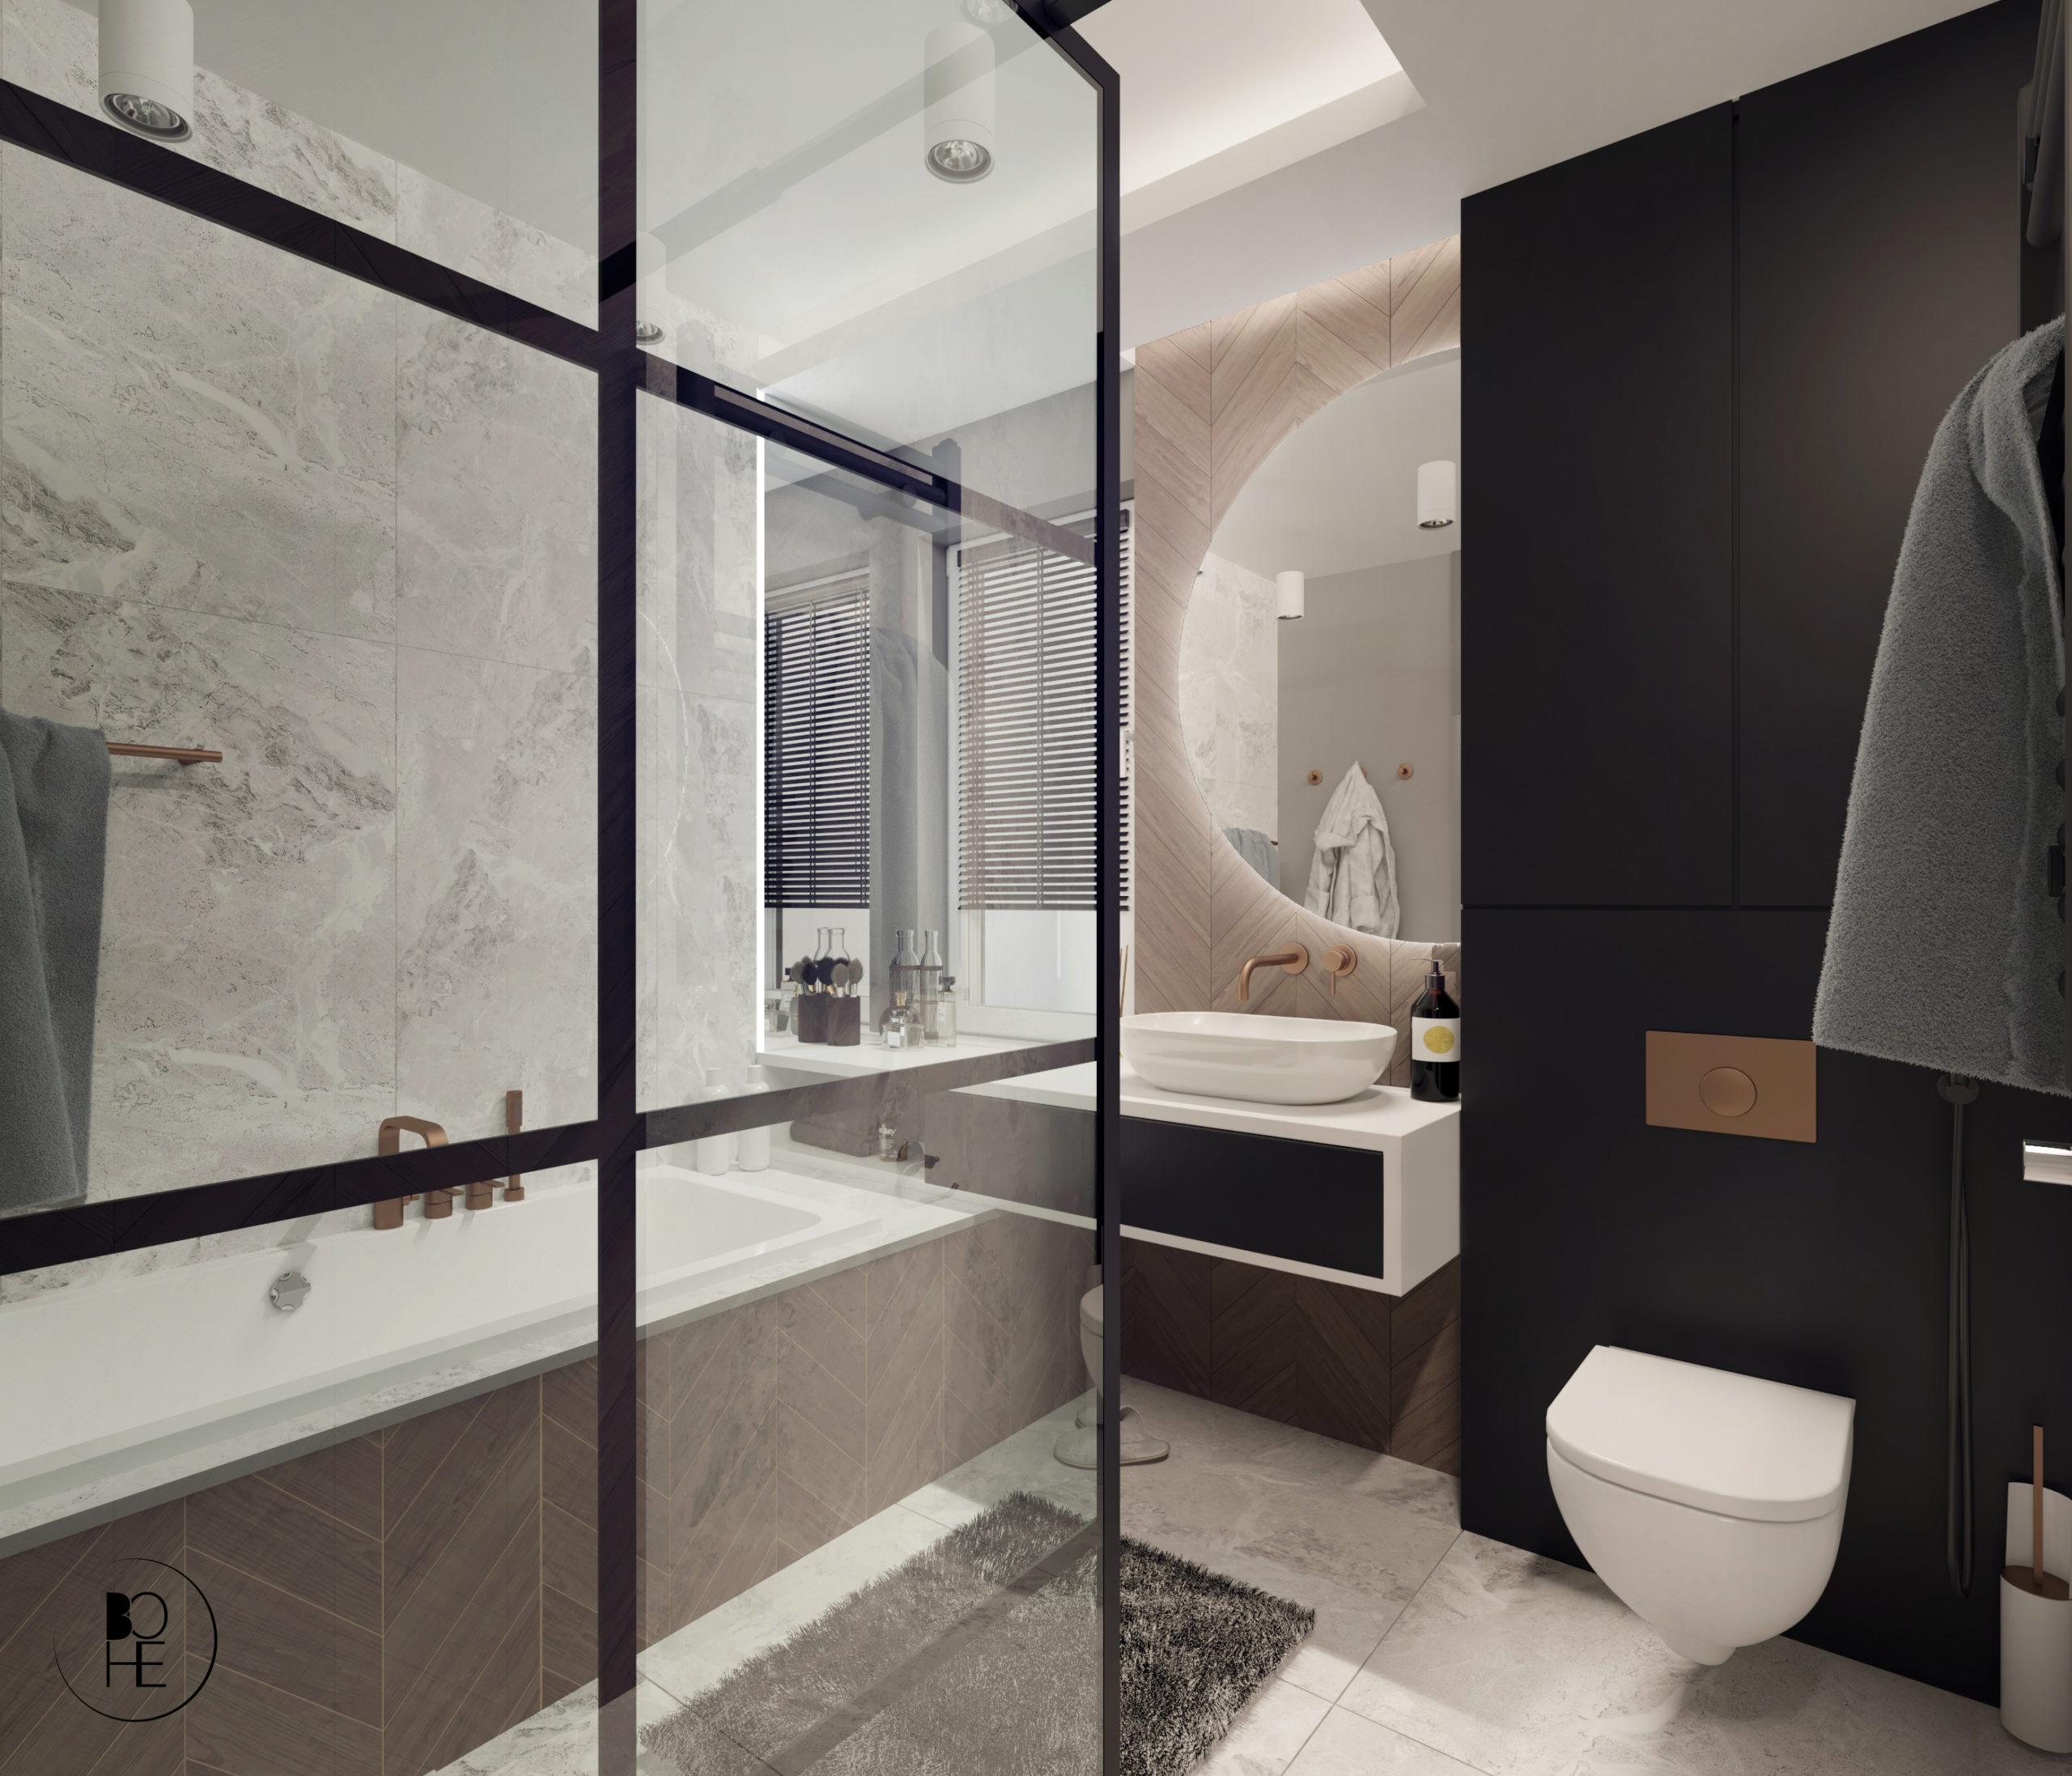 Projekt małej łazienki z prysznicem. Płytki firmy Paradyż, armatura GROHE Brushed sunset architekt Anna Skowrońska Białystok